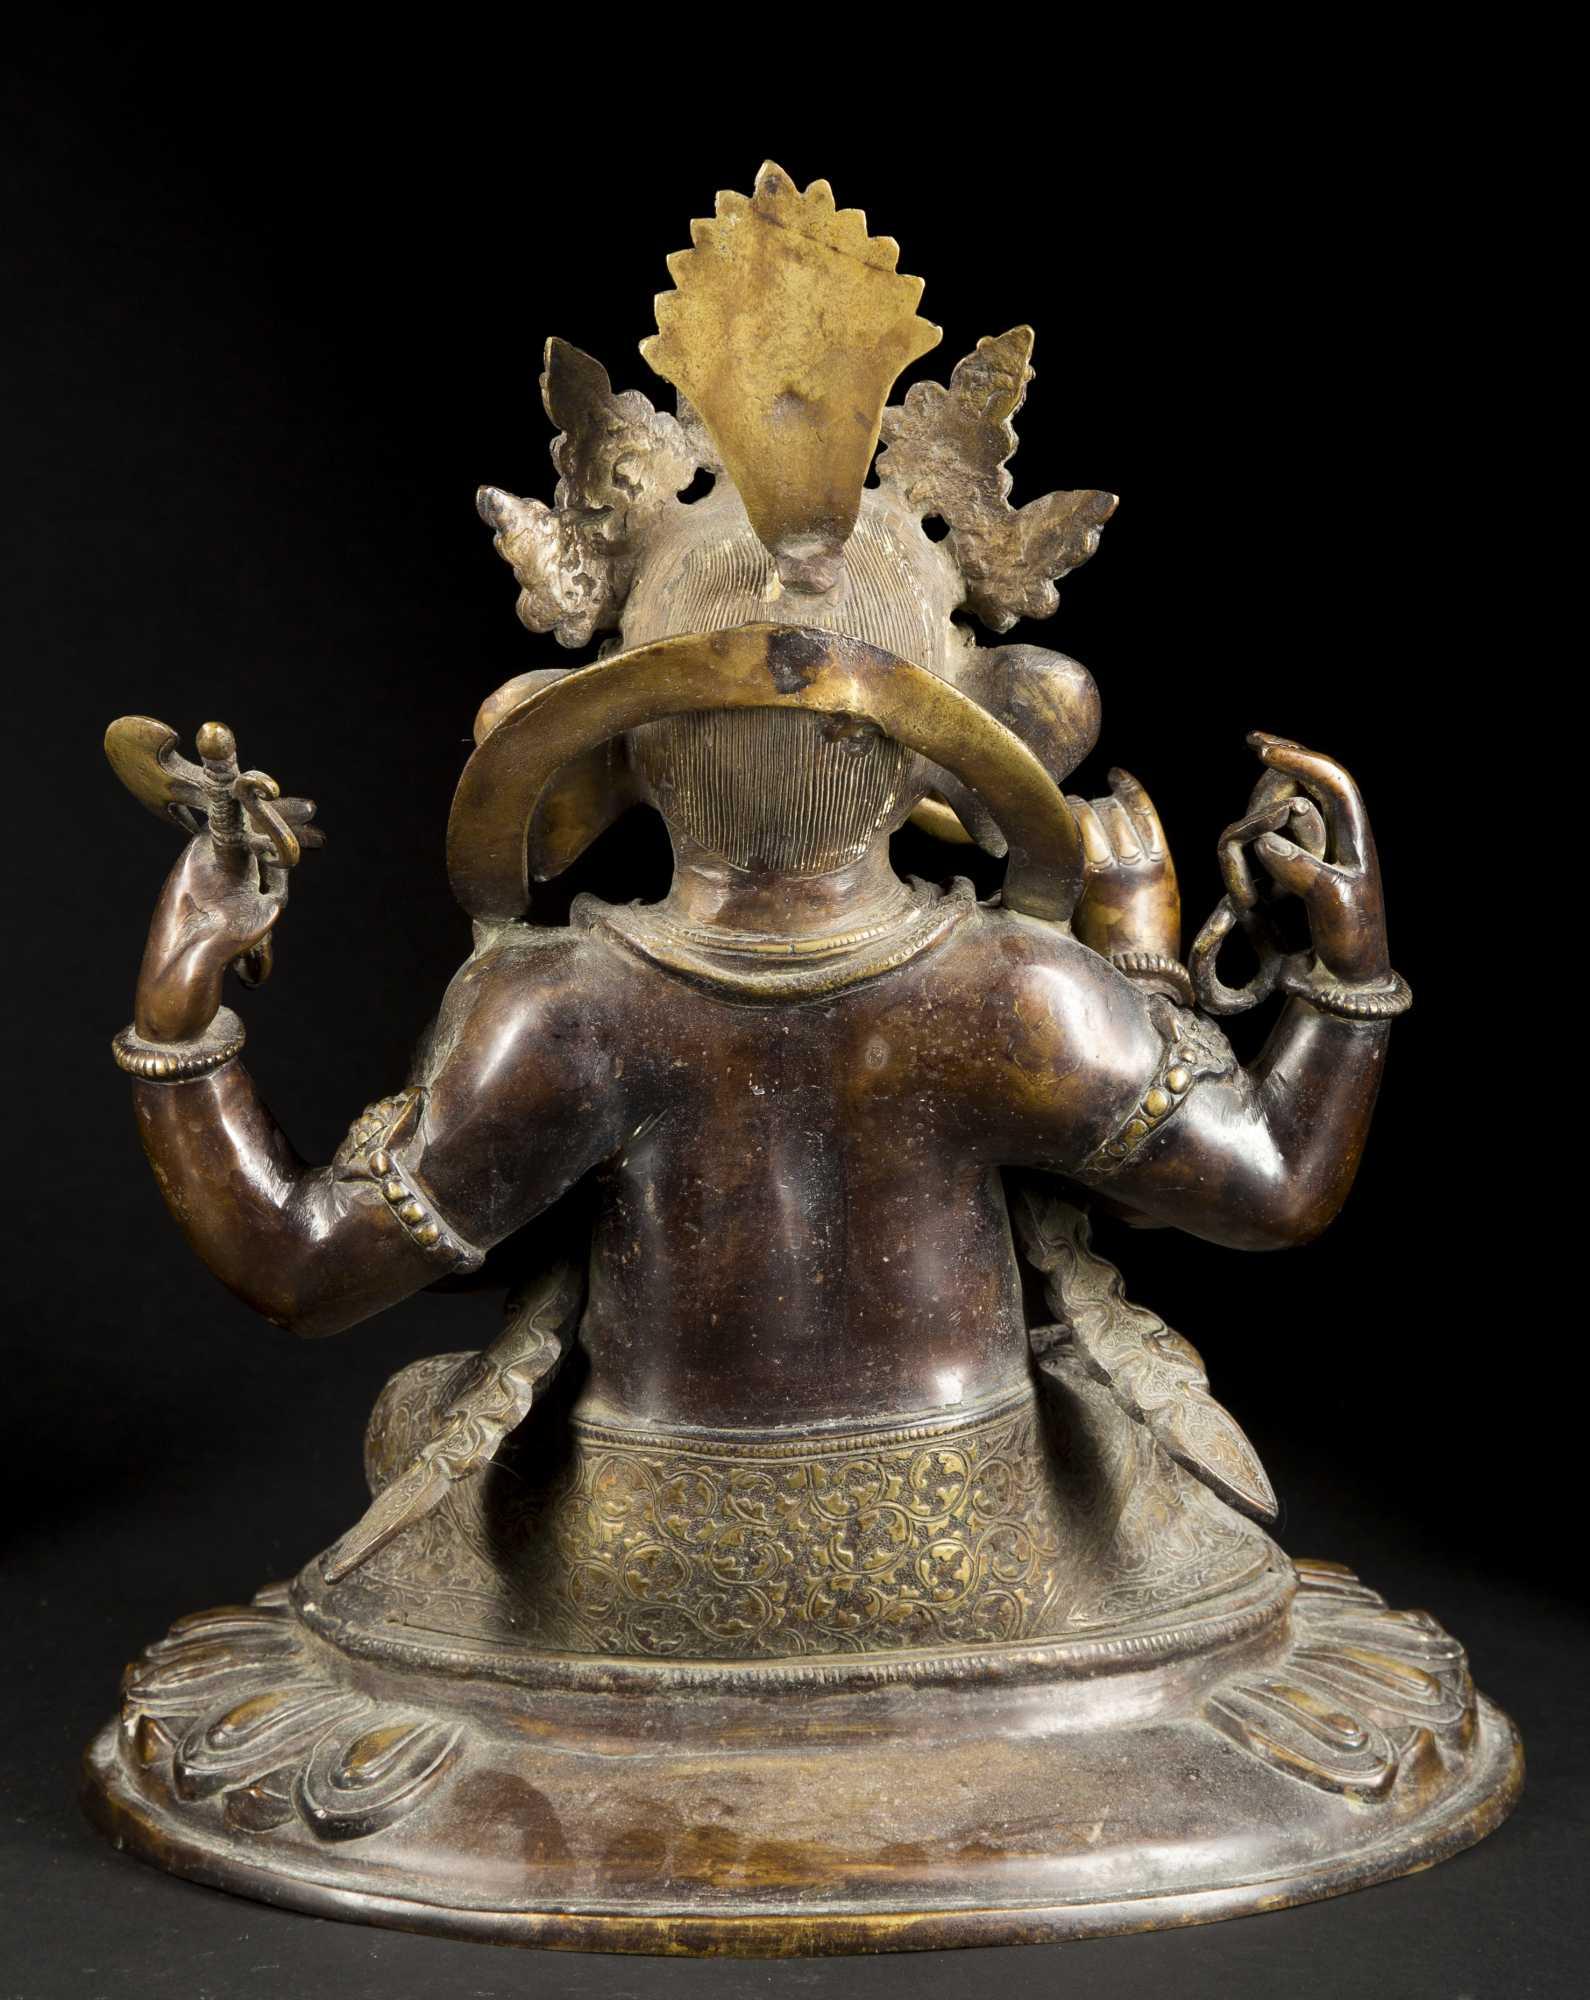 Bronze Quot Ganeslia Quot Hindu Elephant God